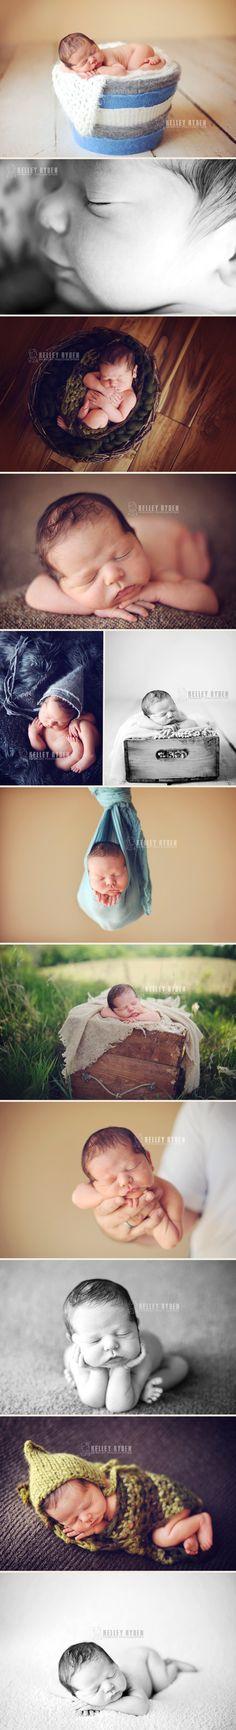 Kelley Ryden Photography - newborn boy